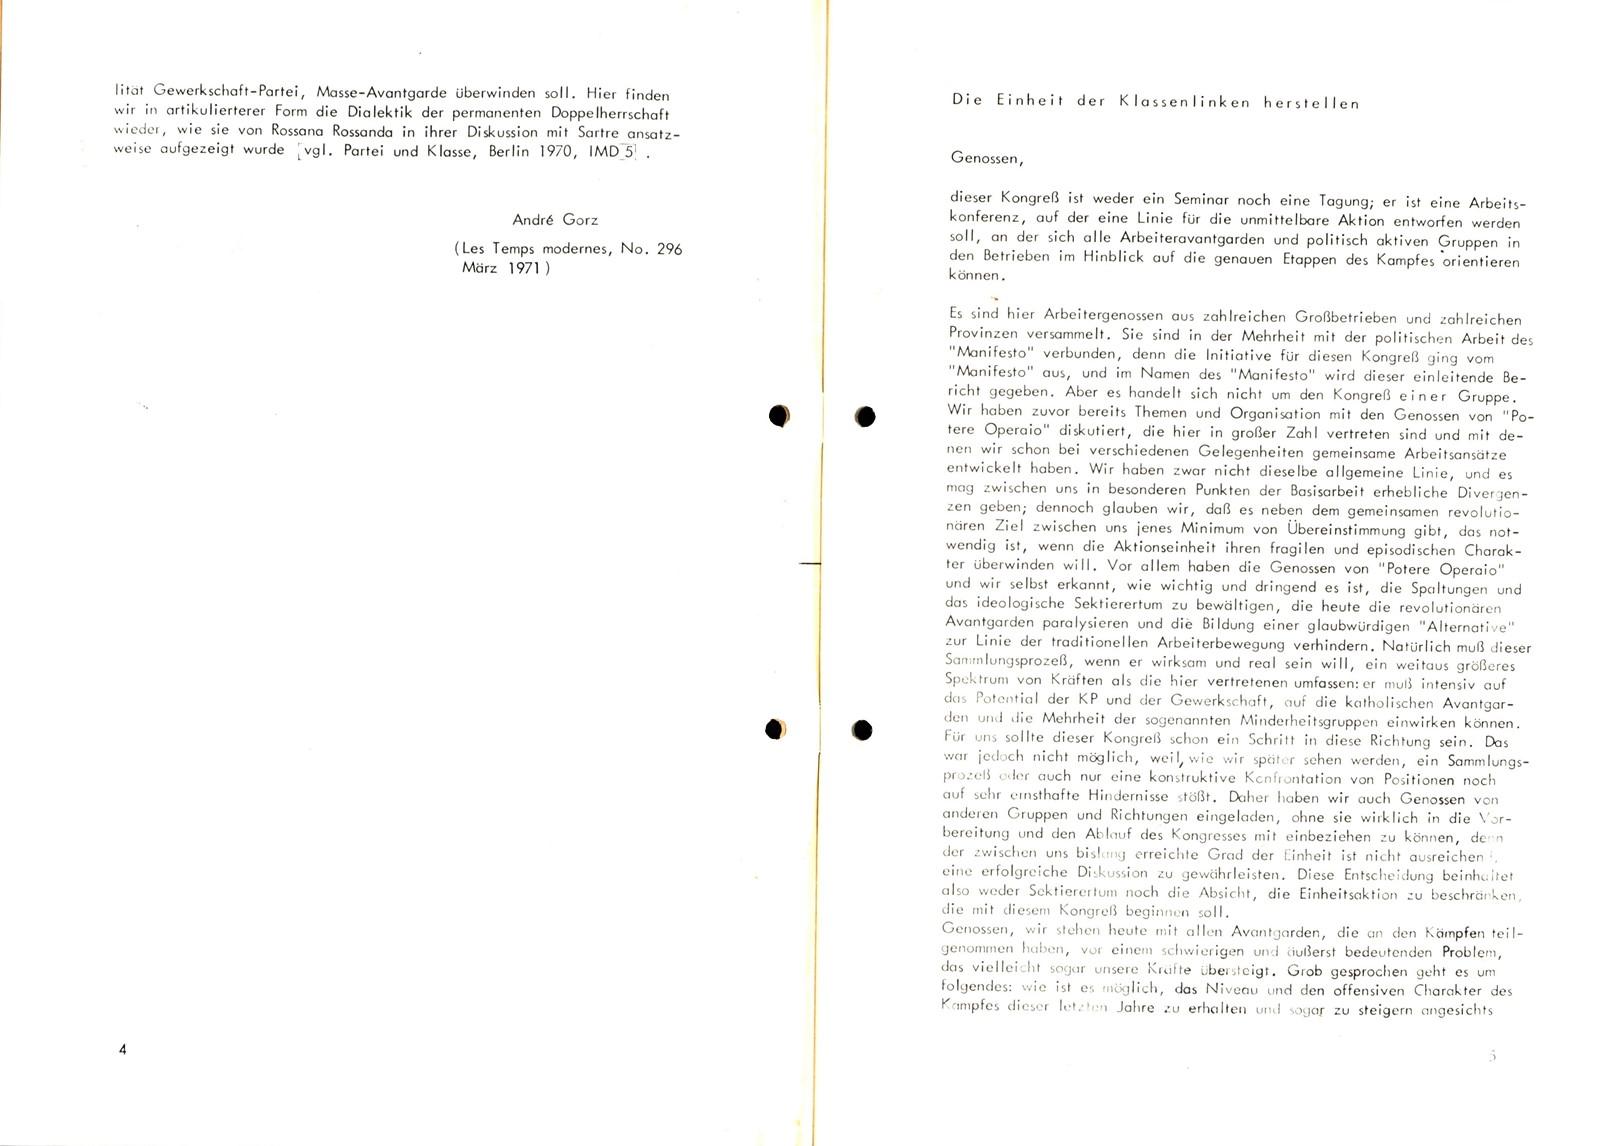 Manifesto_1971_Einheit_der_Klassenlinken_03